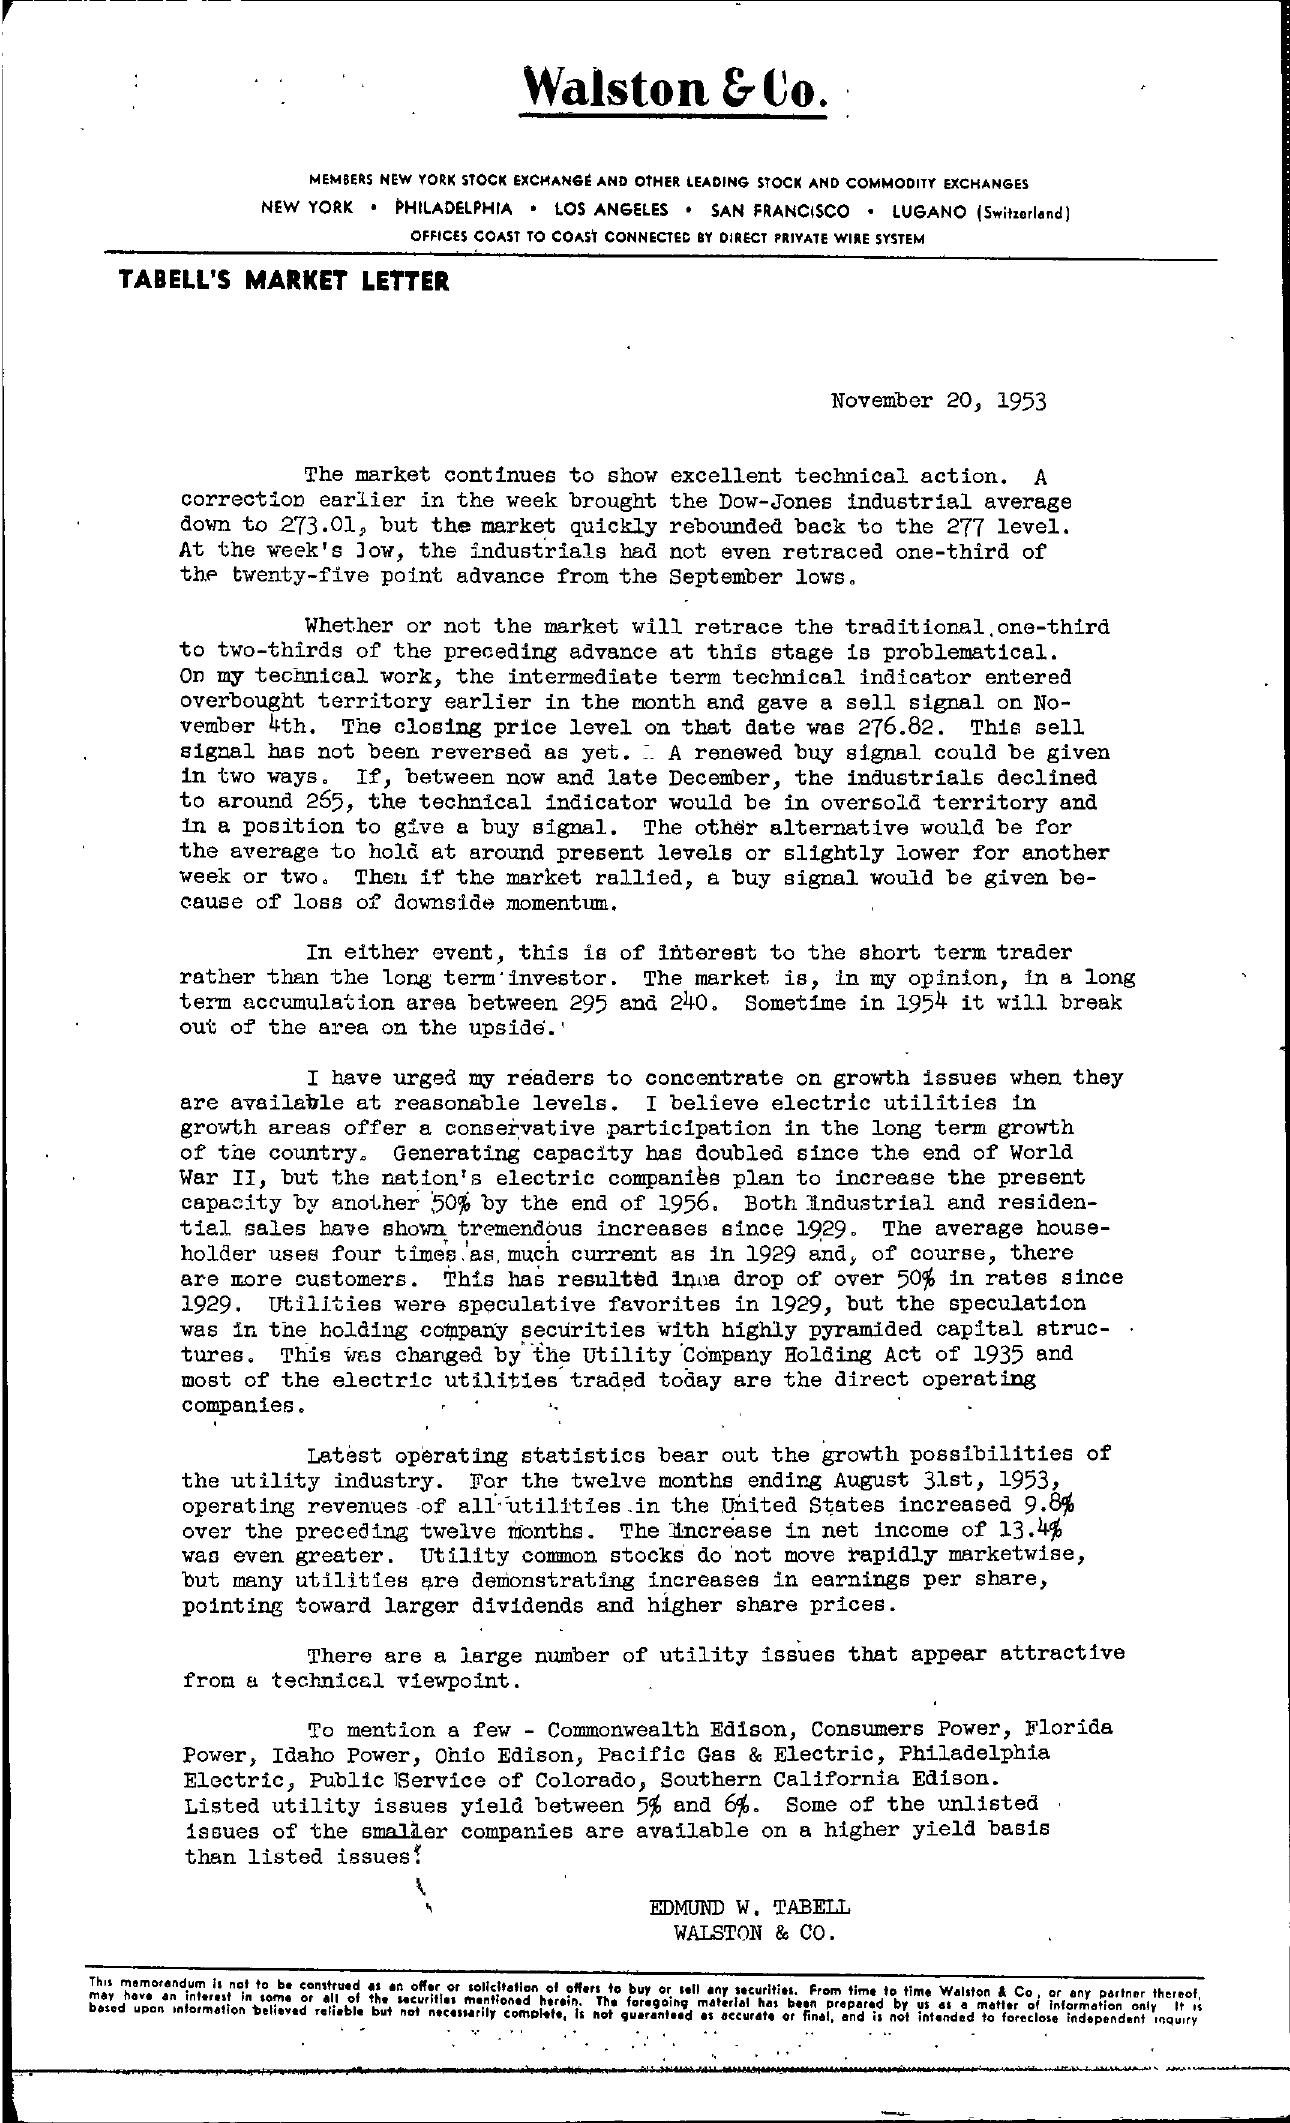 Tabell's Market Letter - November 20, 1953